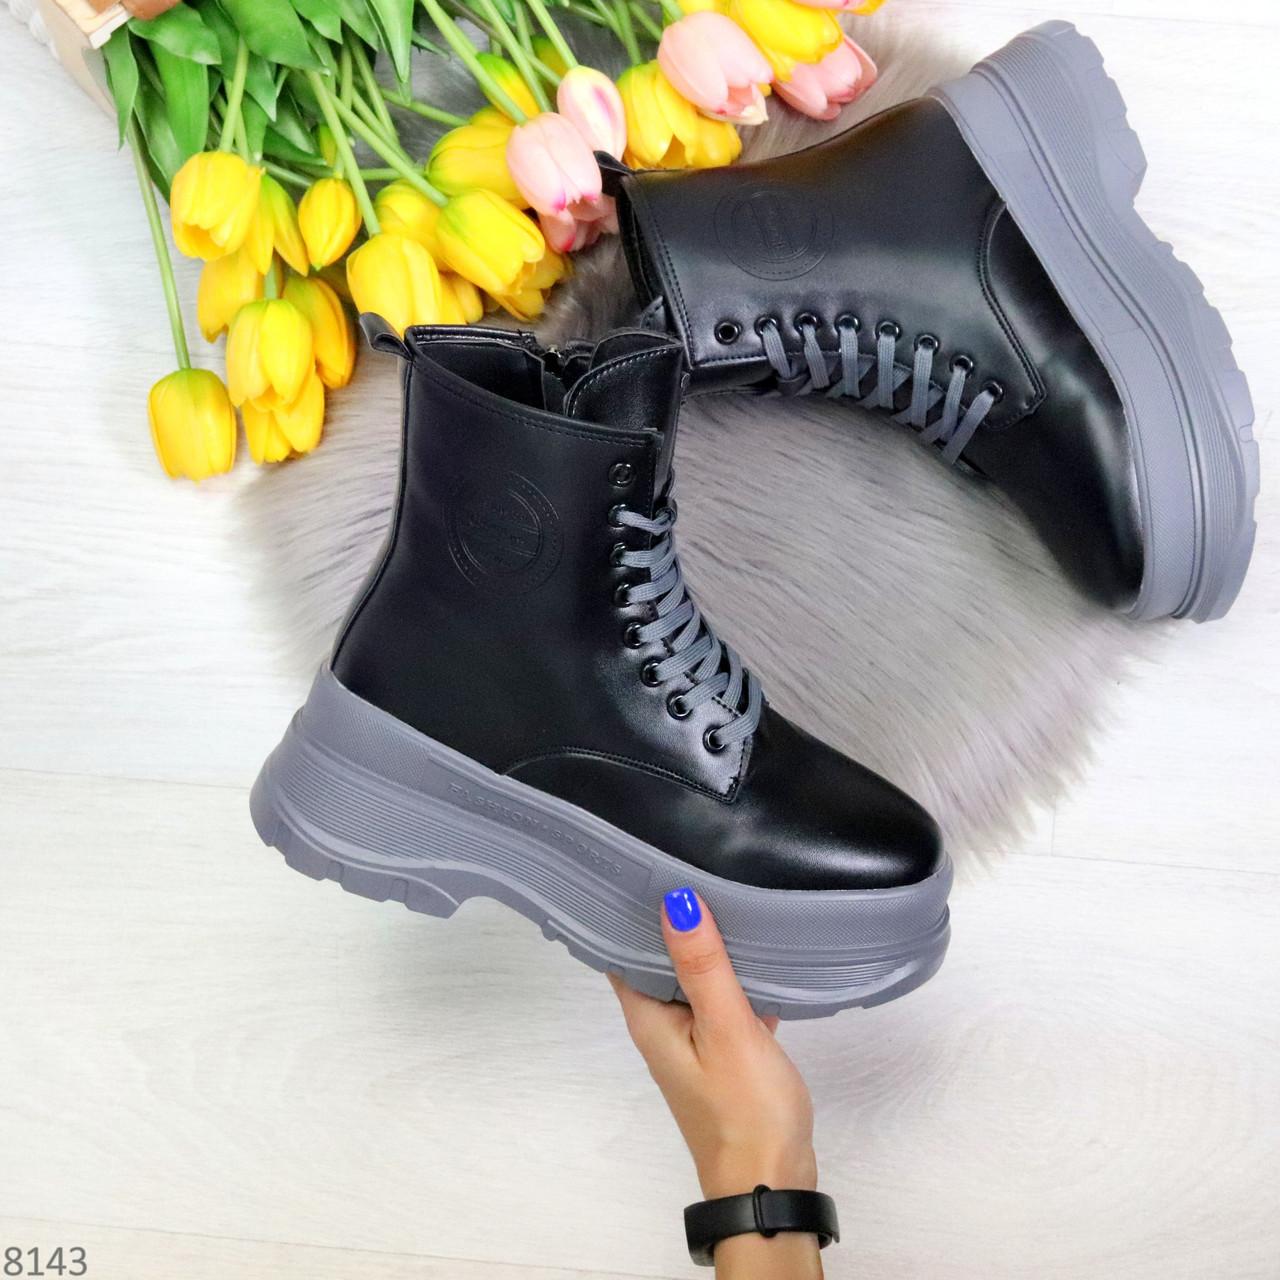 Молодежные черные зимние женские ботинки на серой платформе 36-23 38-24 39-24,5 40-25см